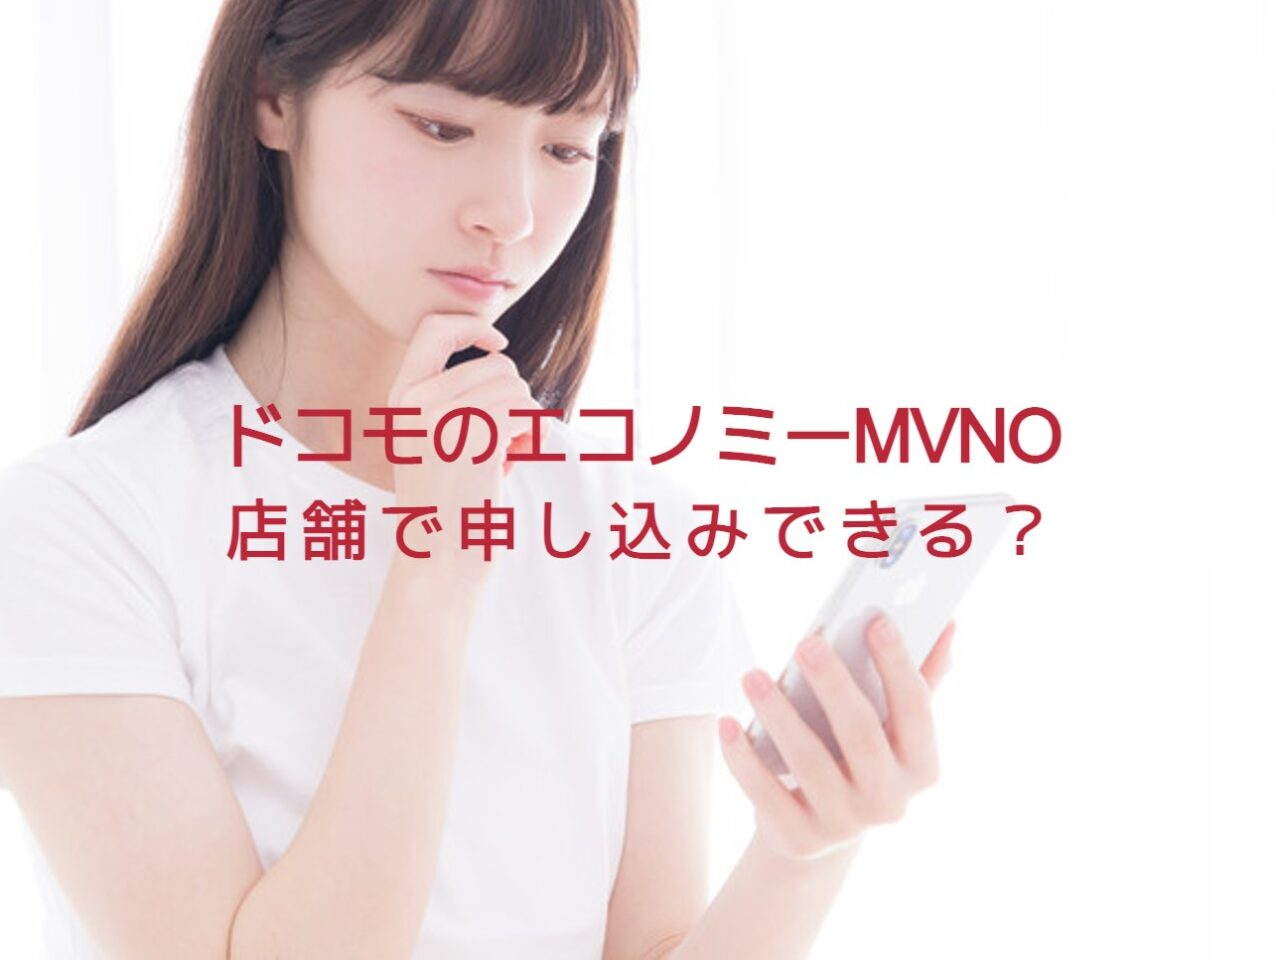 ドコモのエコノミーMVNOは店舗&ドコモショップの店頭で申し込みできる?のサムネイル画像